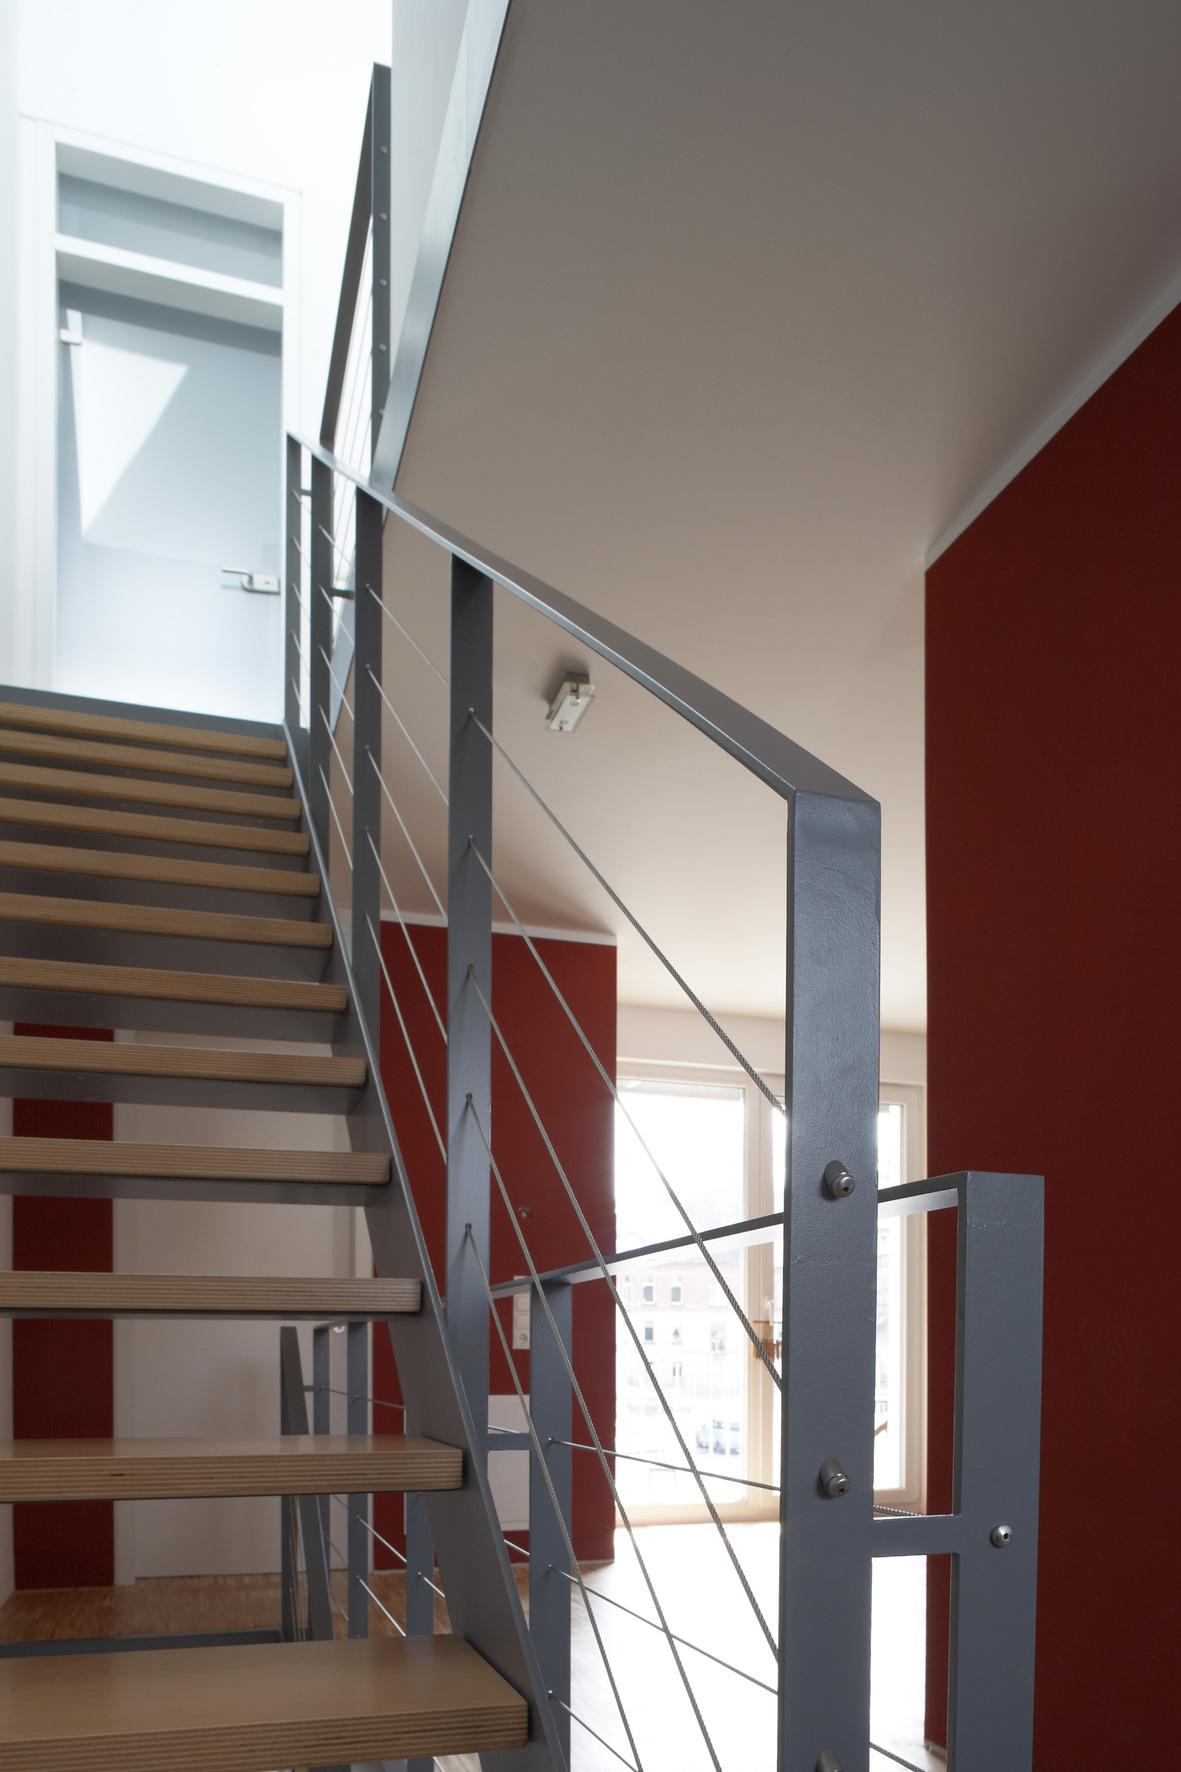 haus allewohl einfamilienhaus kfw 55 gotha architekturf hrer th ringen. Black Bedroom Furniture Sets. Home Design Ideas